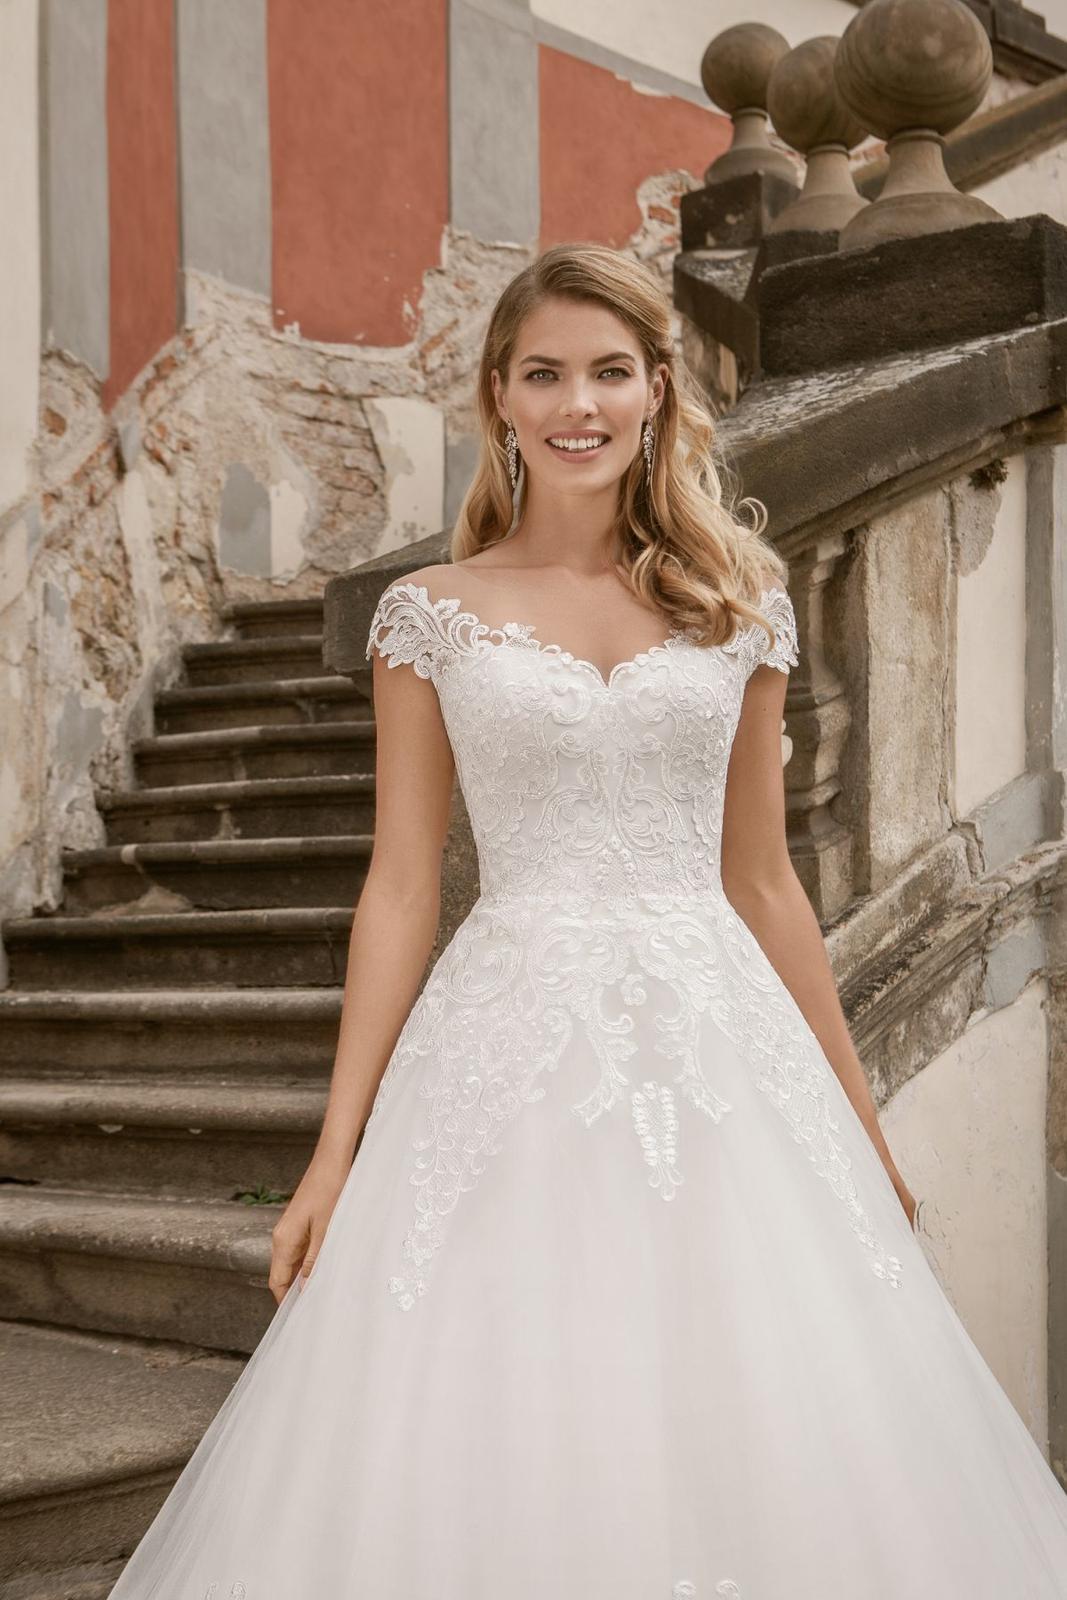 Eva Grandes princeznovské svatební šaty - Marilyn z blízka svatební šaty